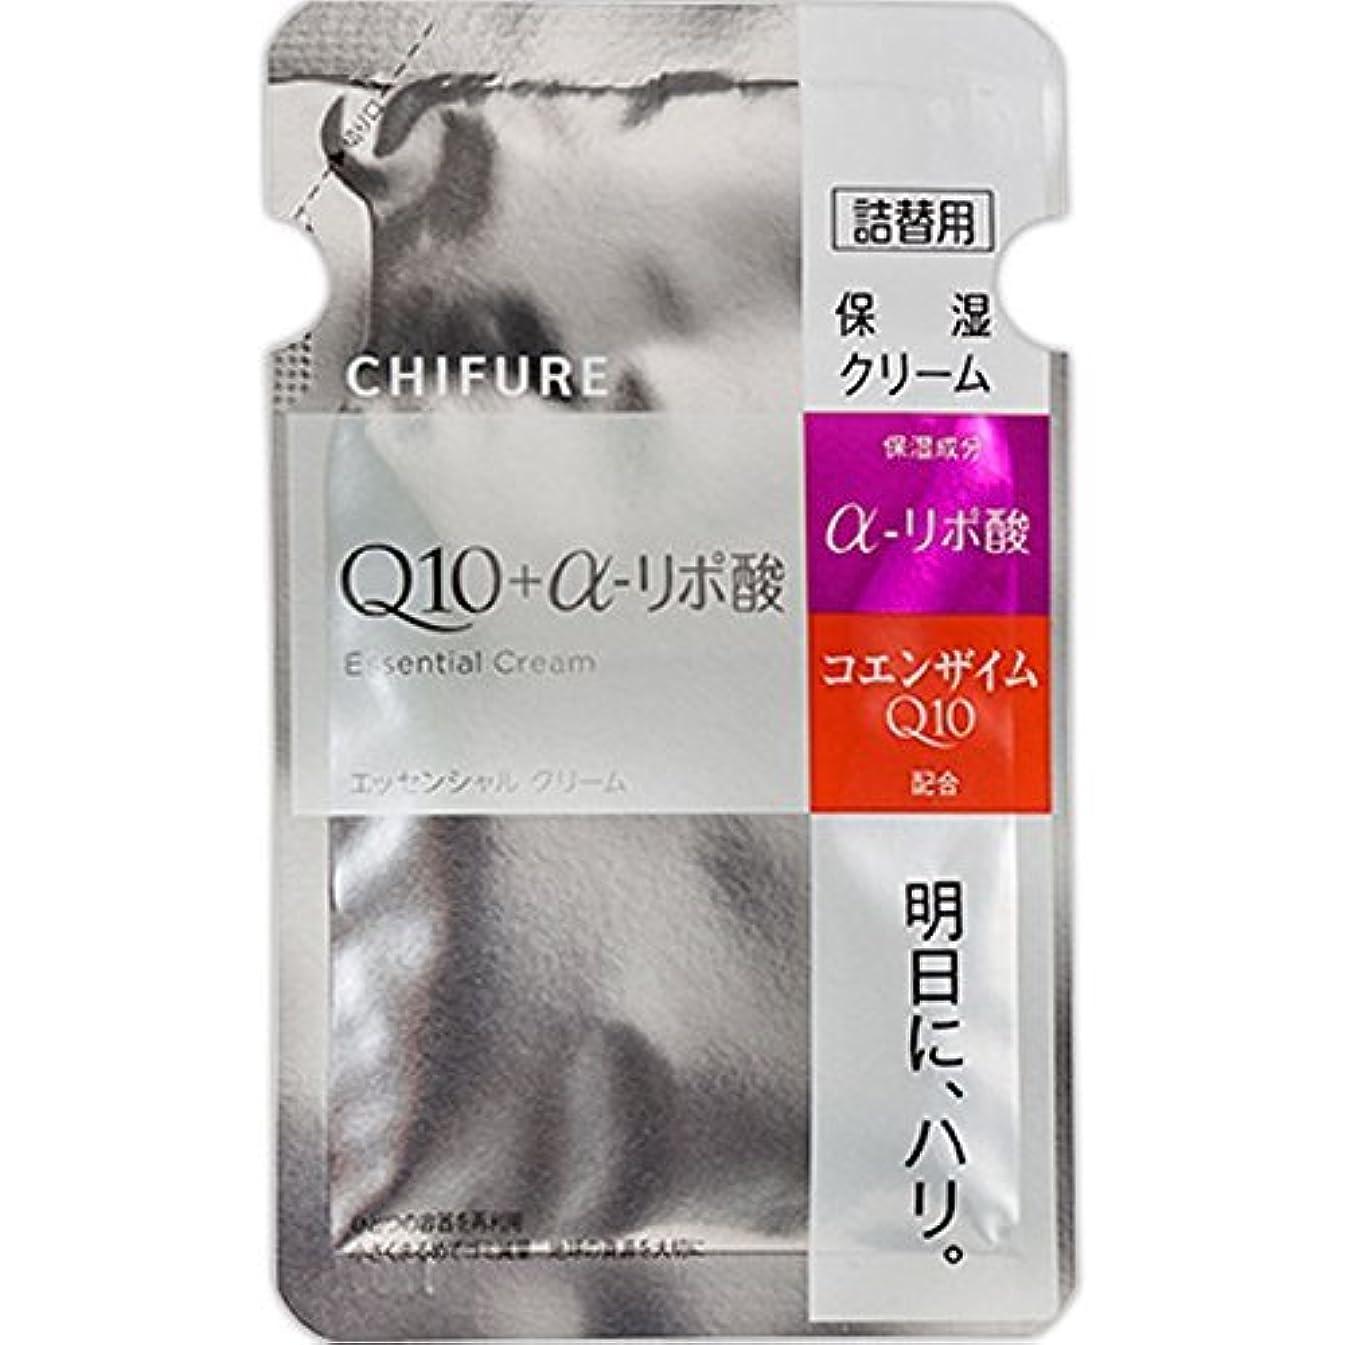 細部お酢小数ちふれ化粧品 エッセンシャル クリーム 詰替用 30G